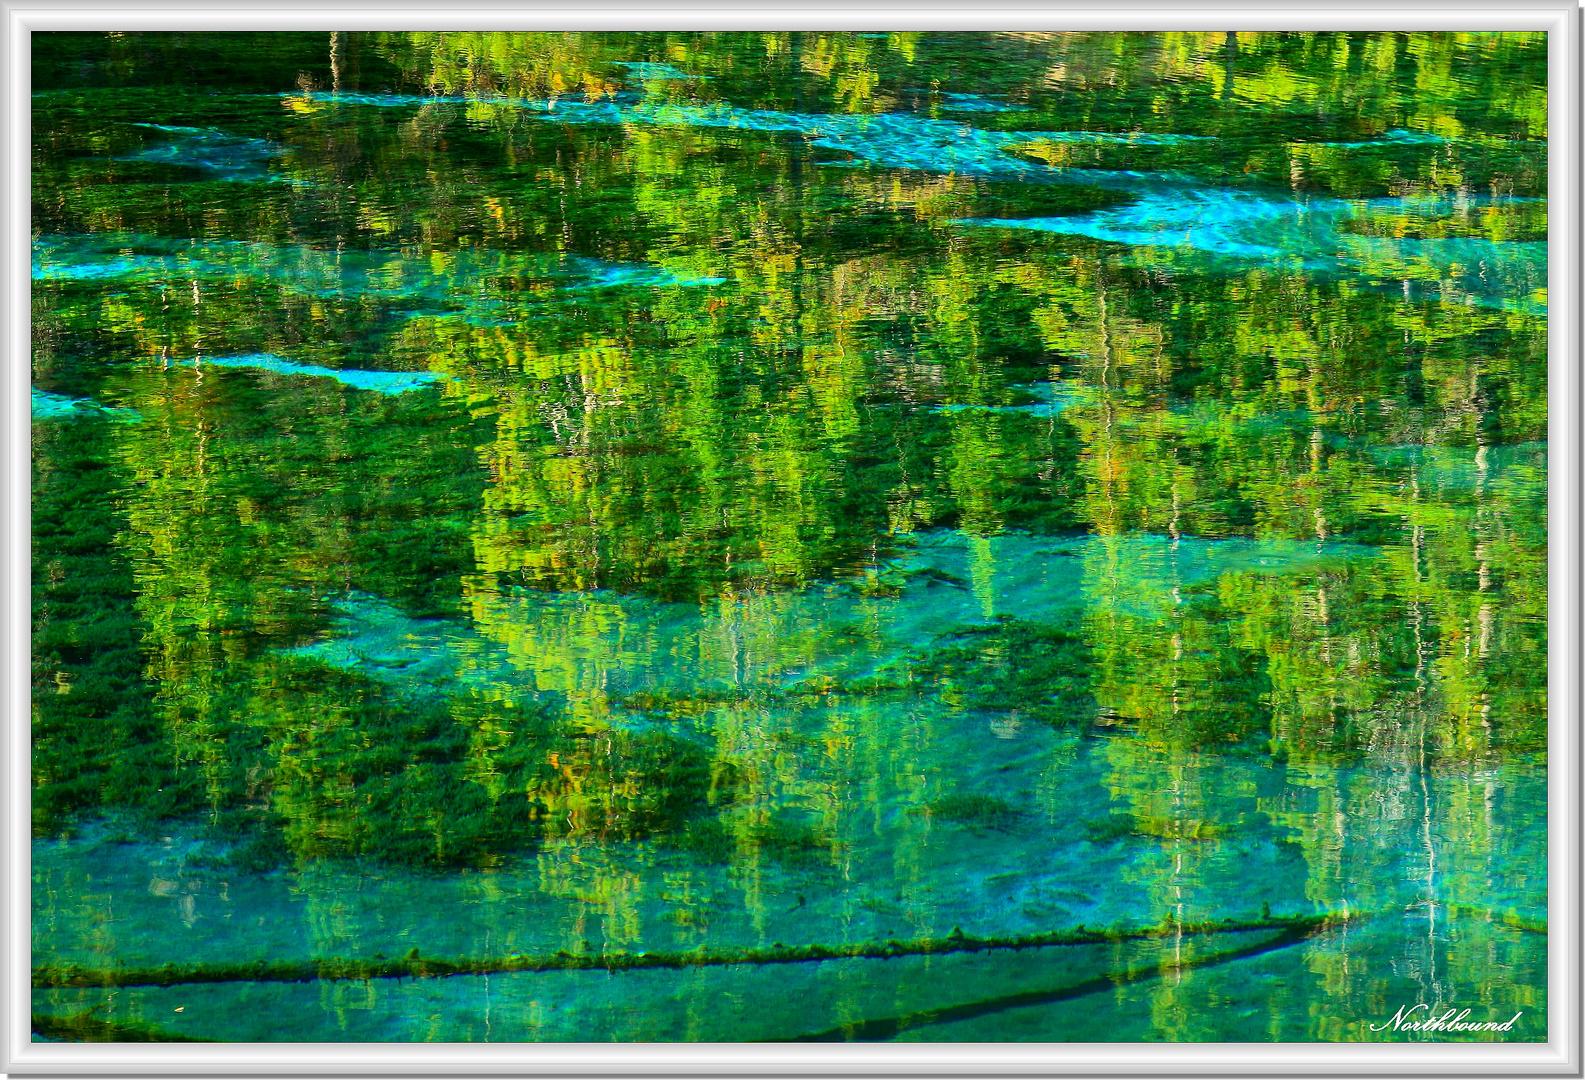 Grassi Lake kaleidoscope